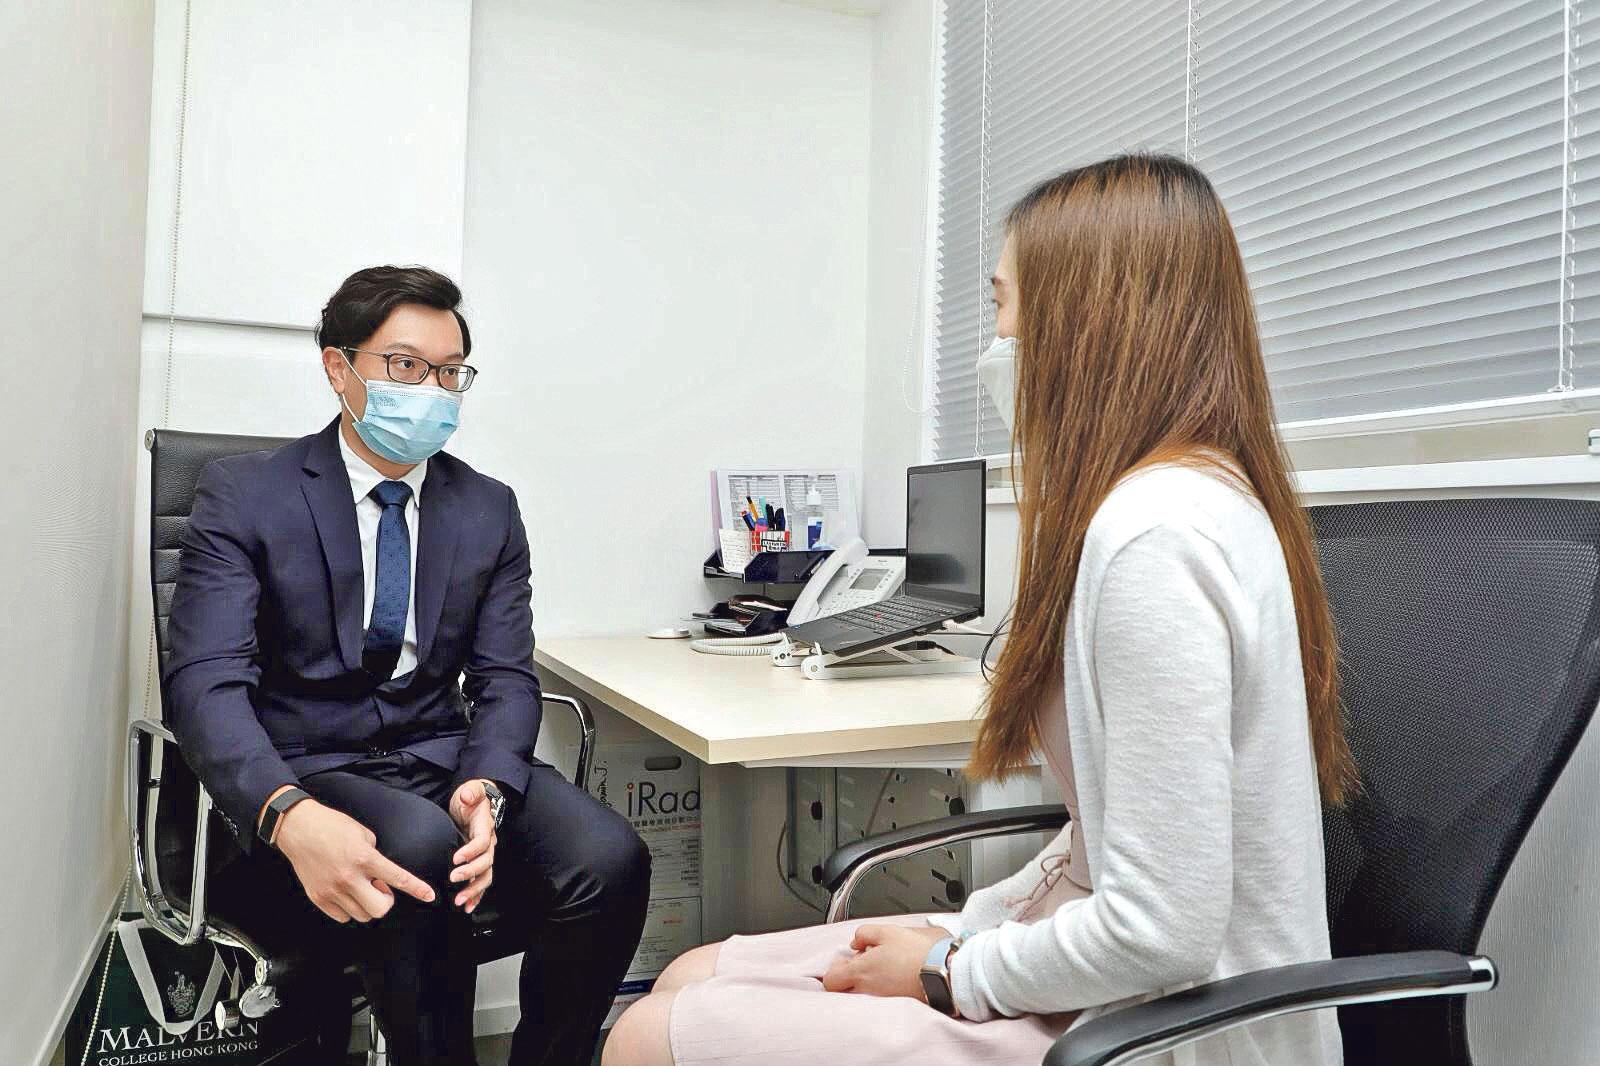 物理治療師陳德禮(圖左)表示,在私營醫療機 構工作,有較充足的時間 跟病人作診療溝通,全面 去了解病人的需要。